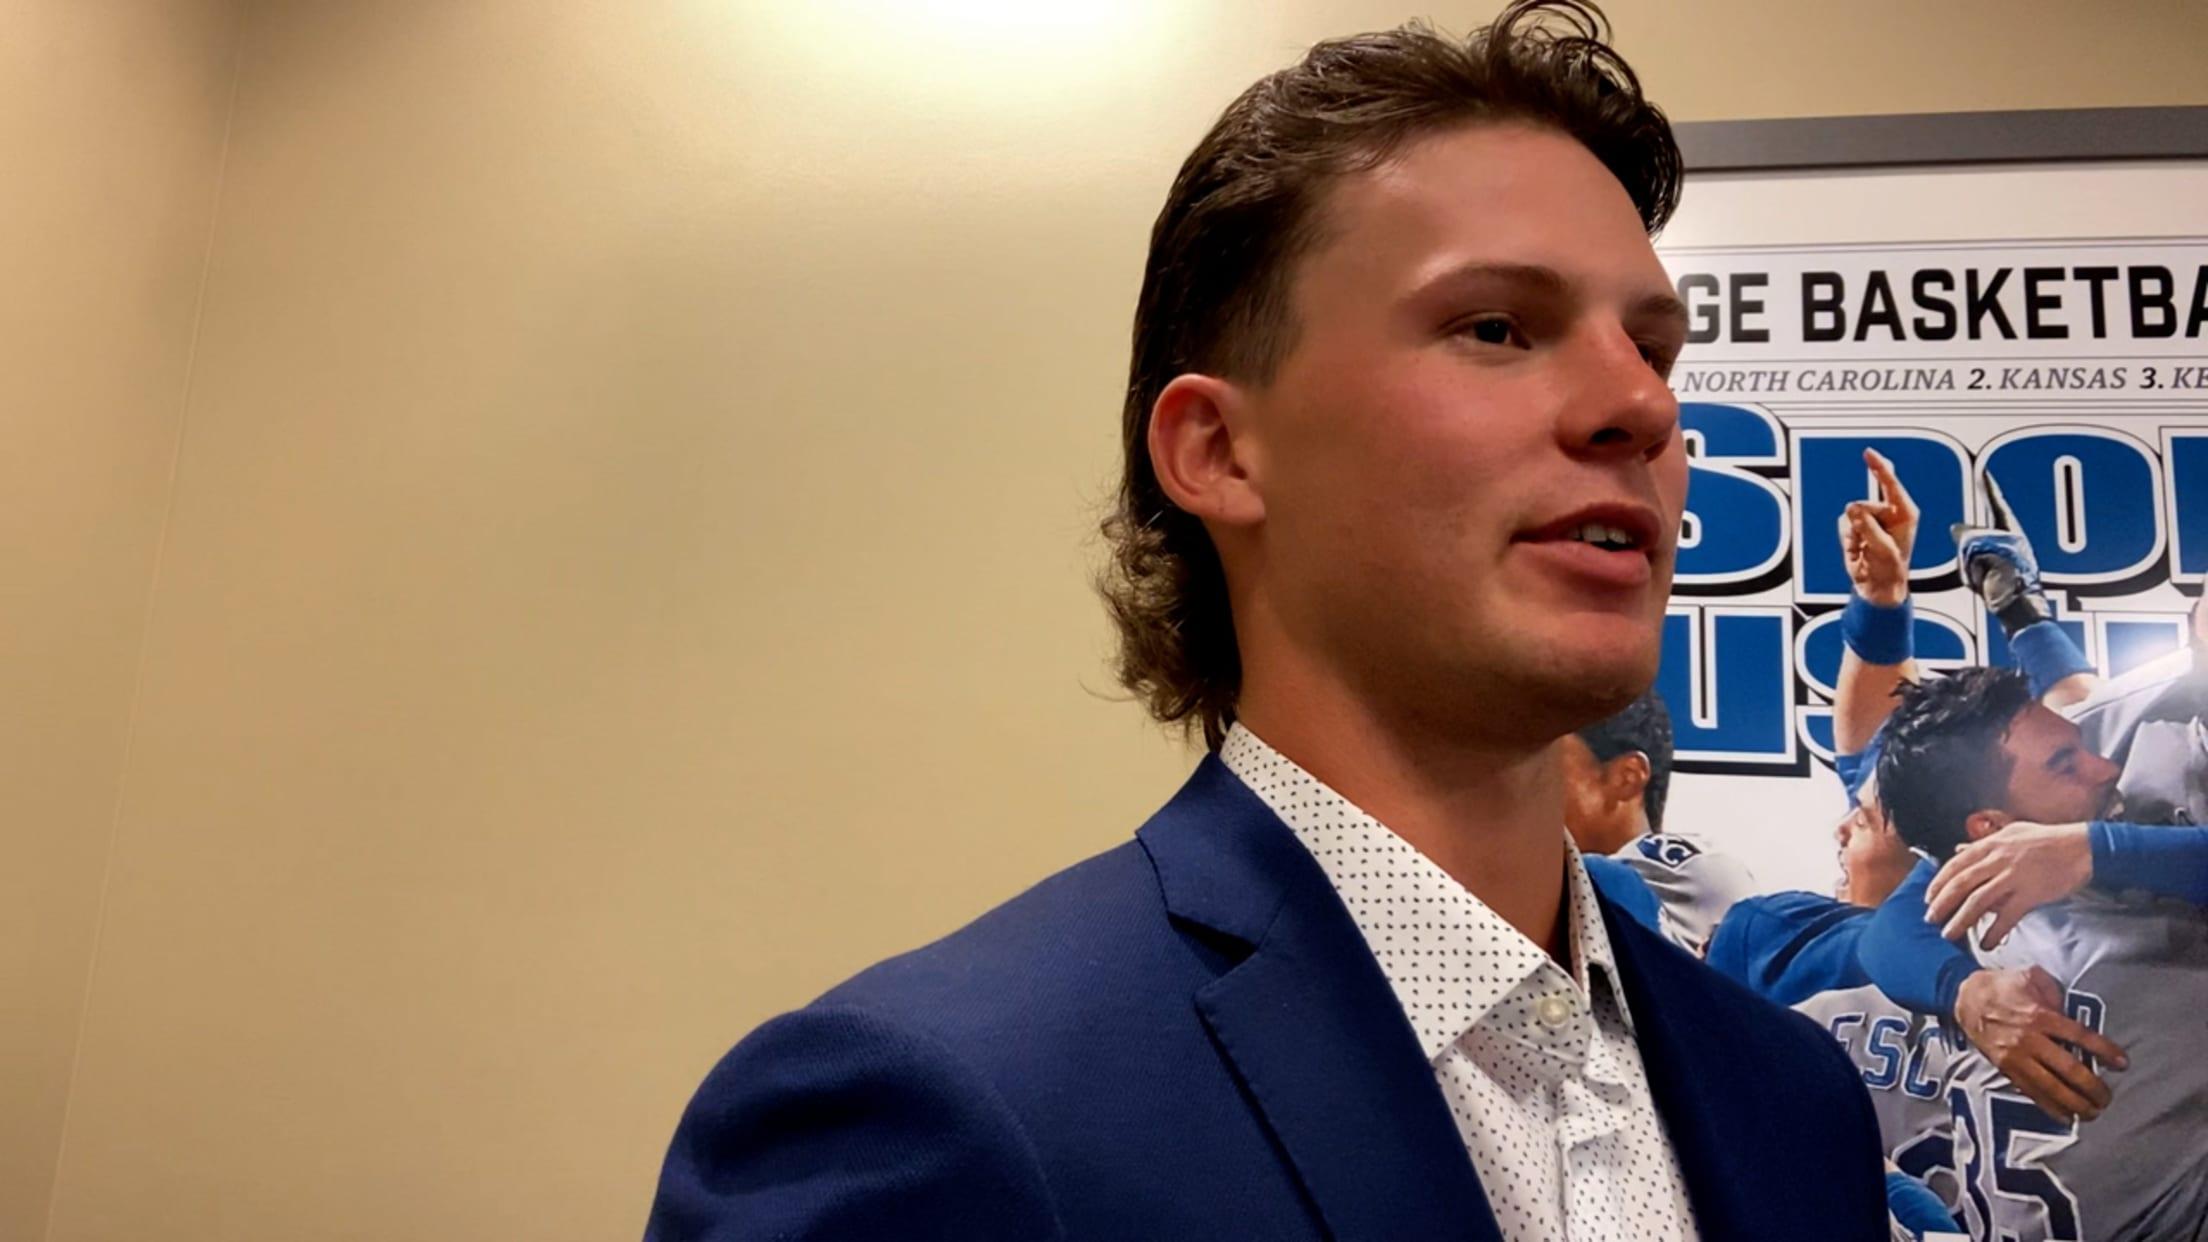 Bobby Witt Jr. on his 2021 season